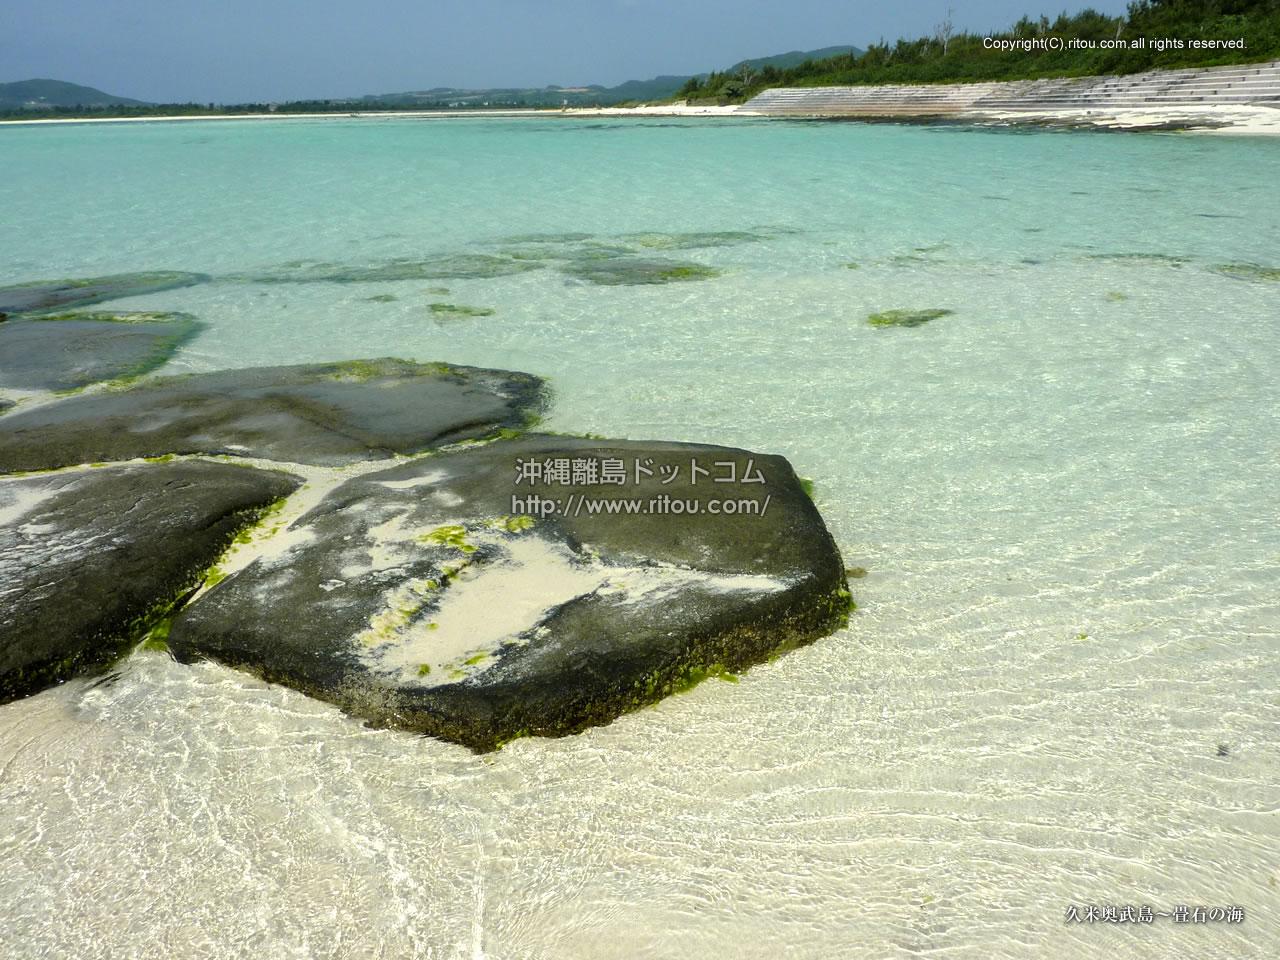 久米奥武島〜畳石の海